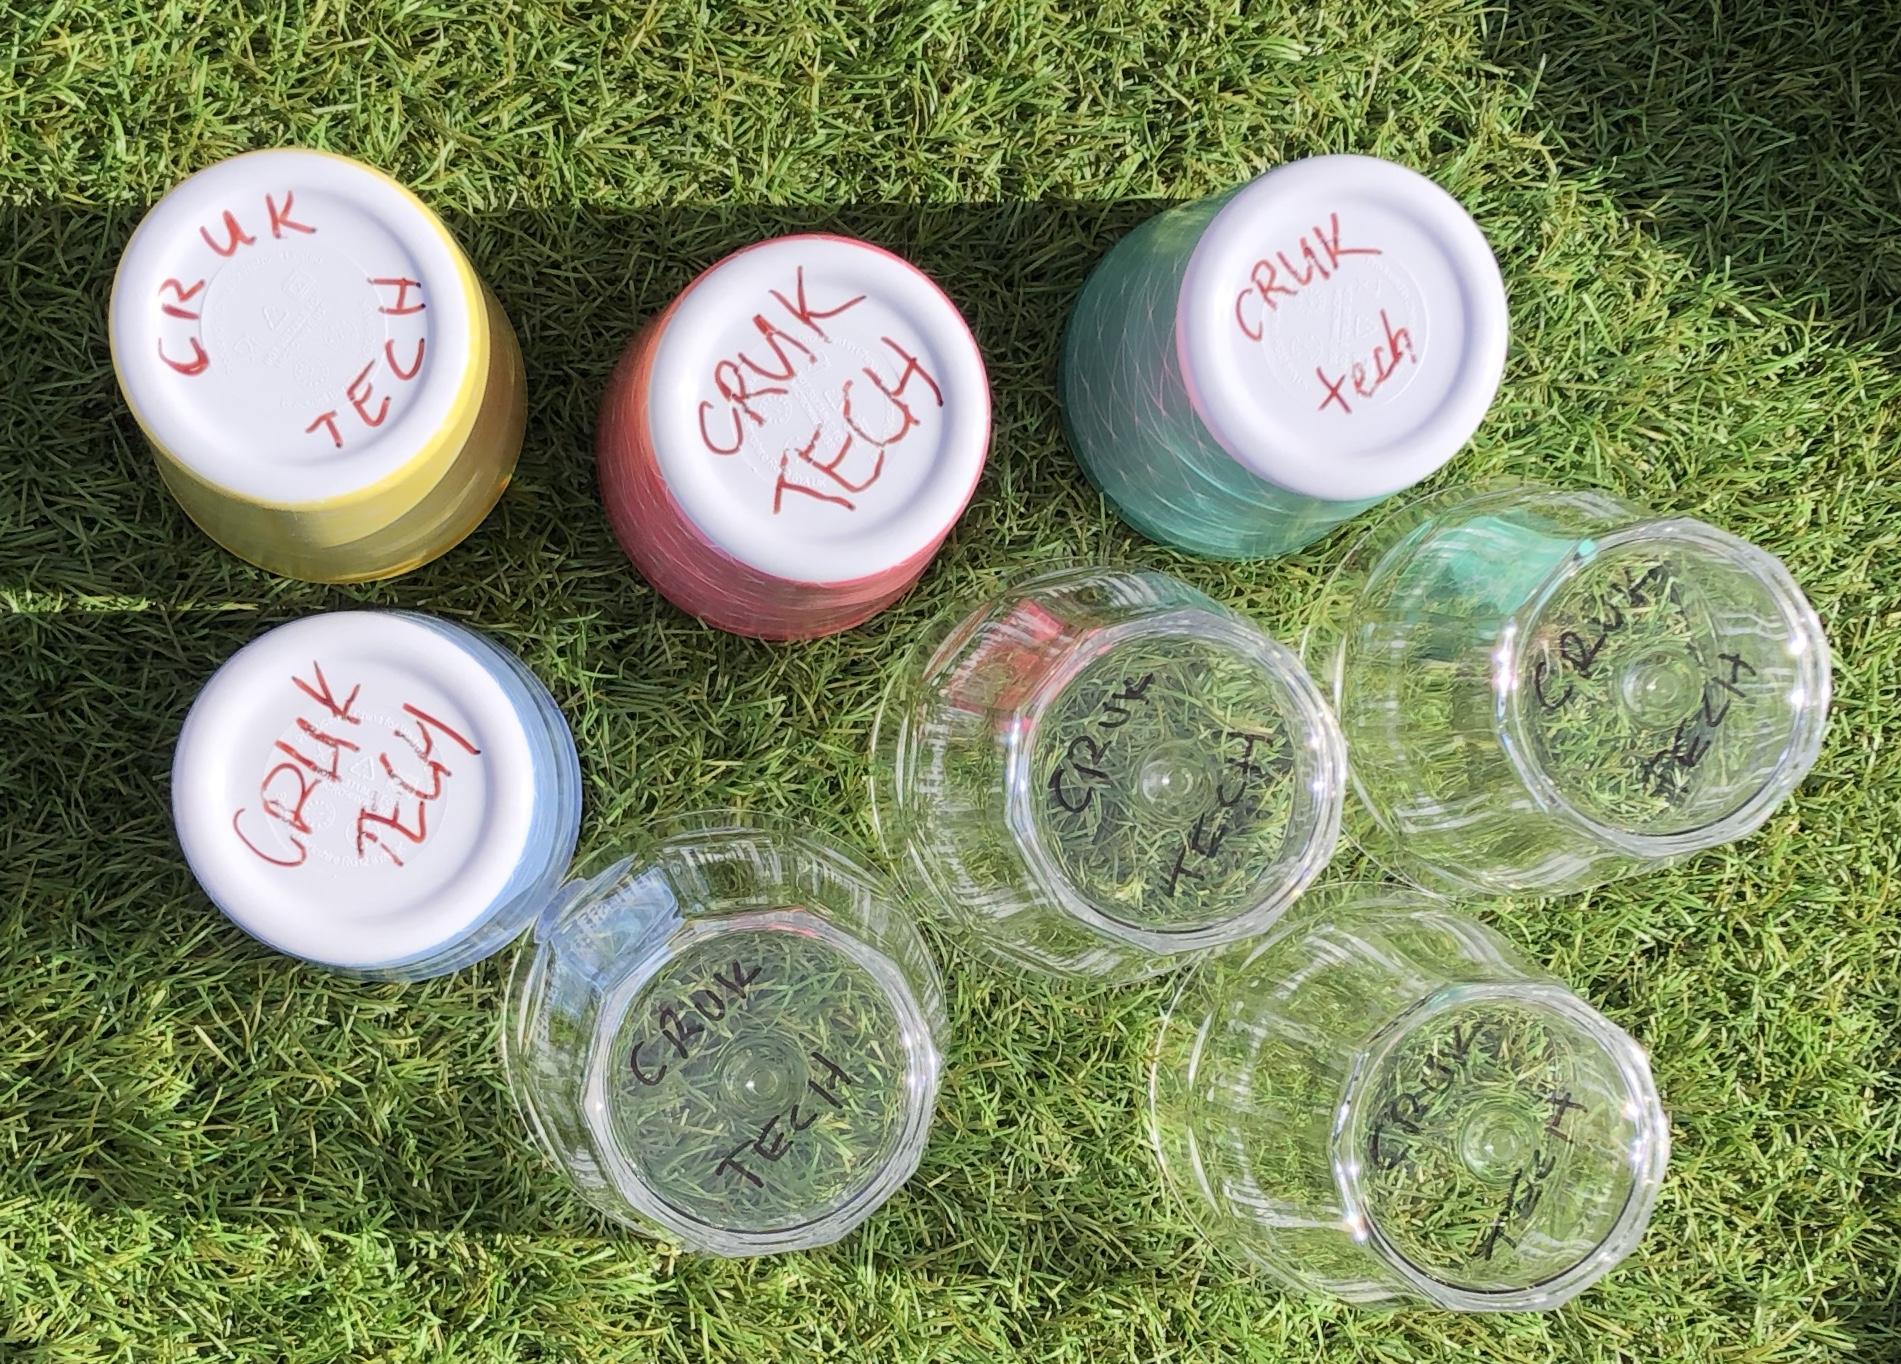 CRUK reusable cups